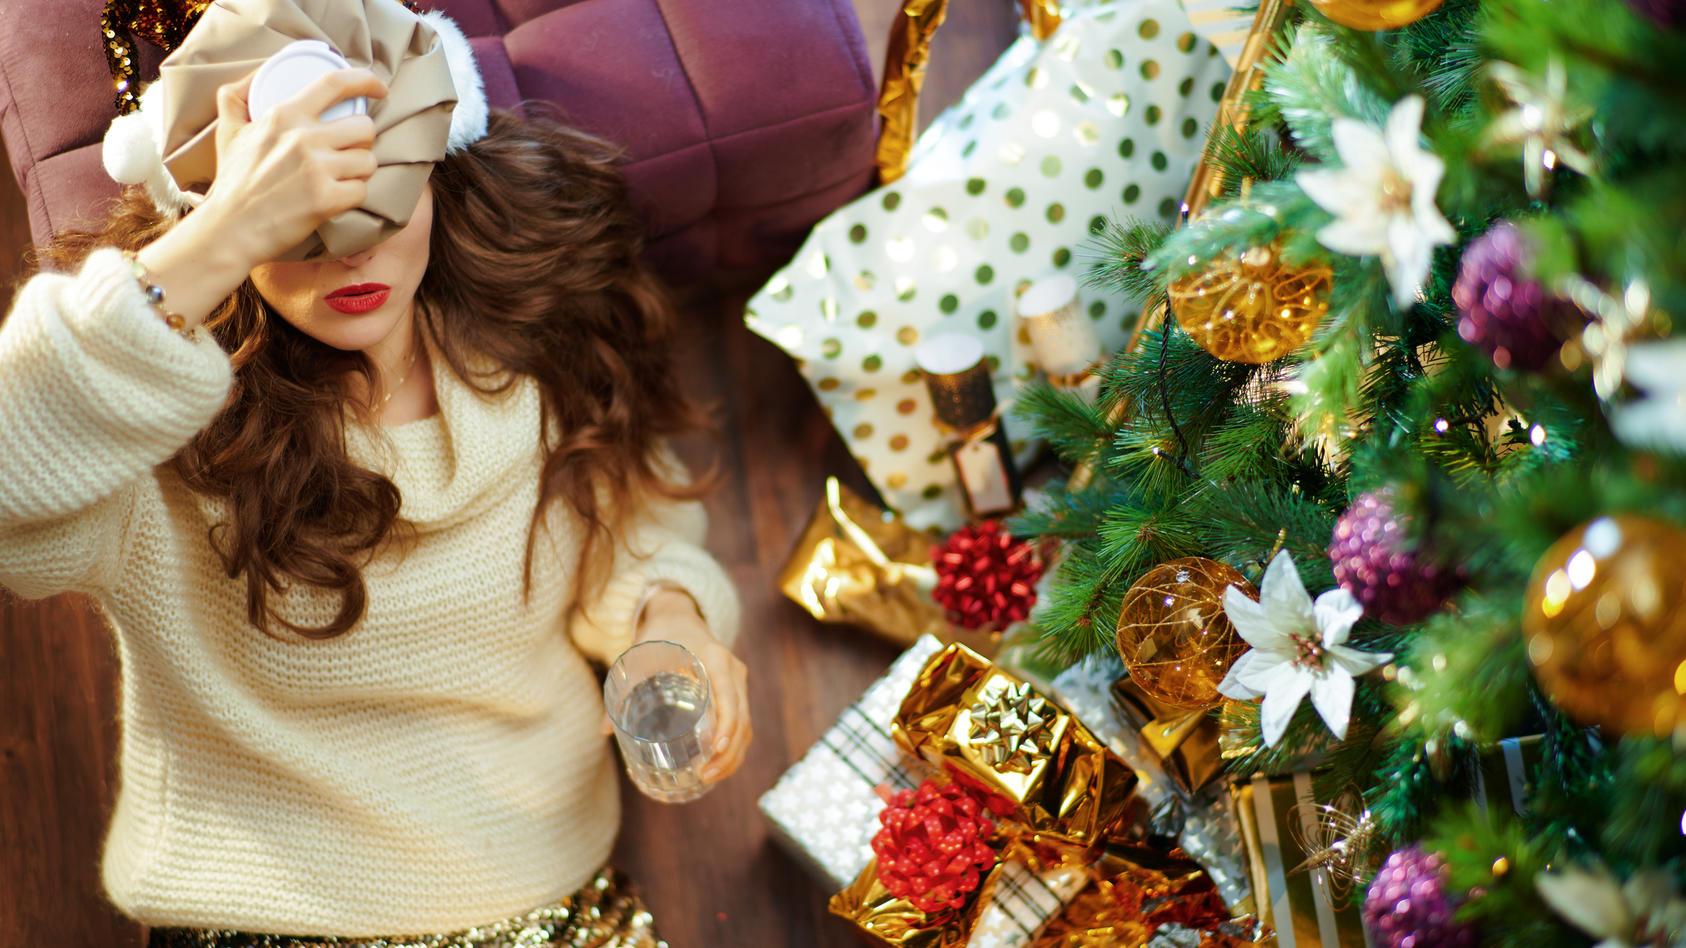 Weihnachten kann schon ohne Corona-Krise für jede Menge Stress sorgen. Damit's trotz Corona besinnlich wird, haben wir ein paar Tipps.